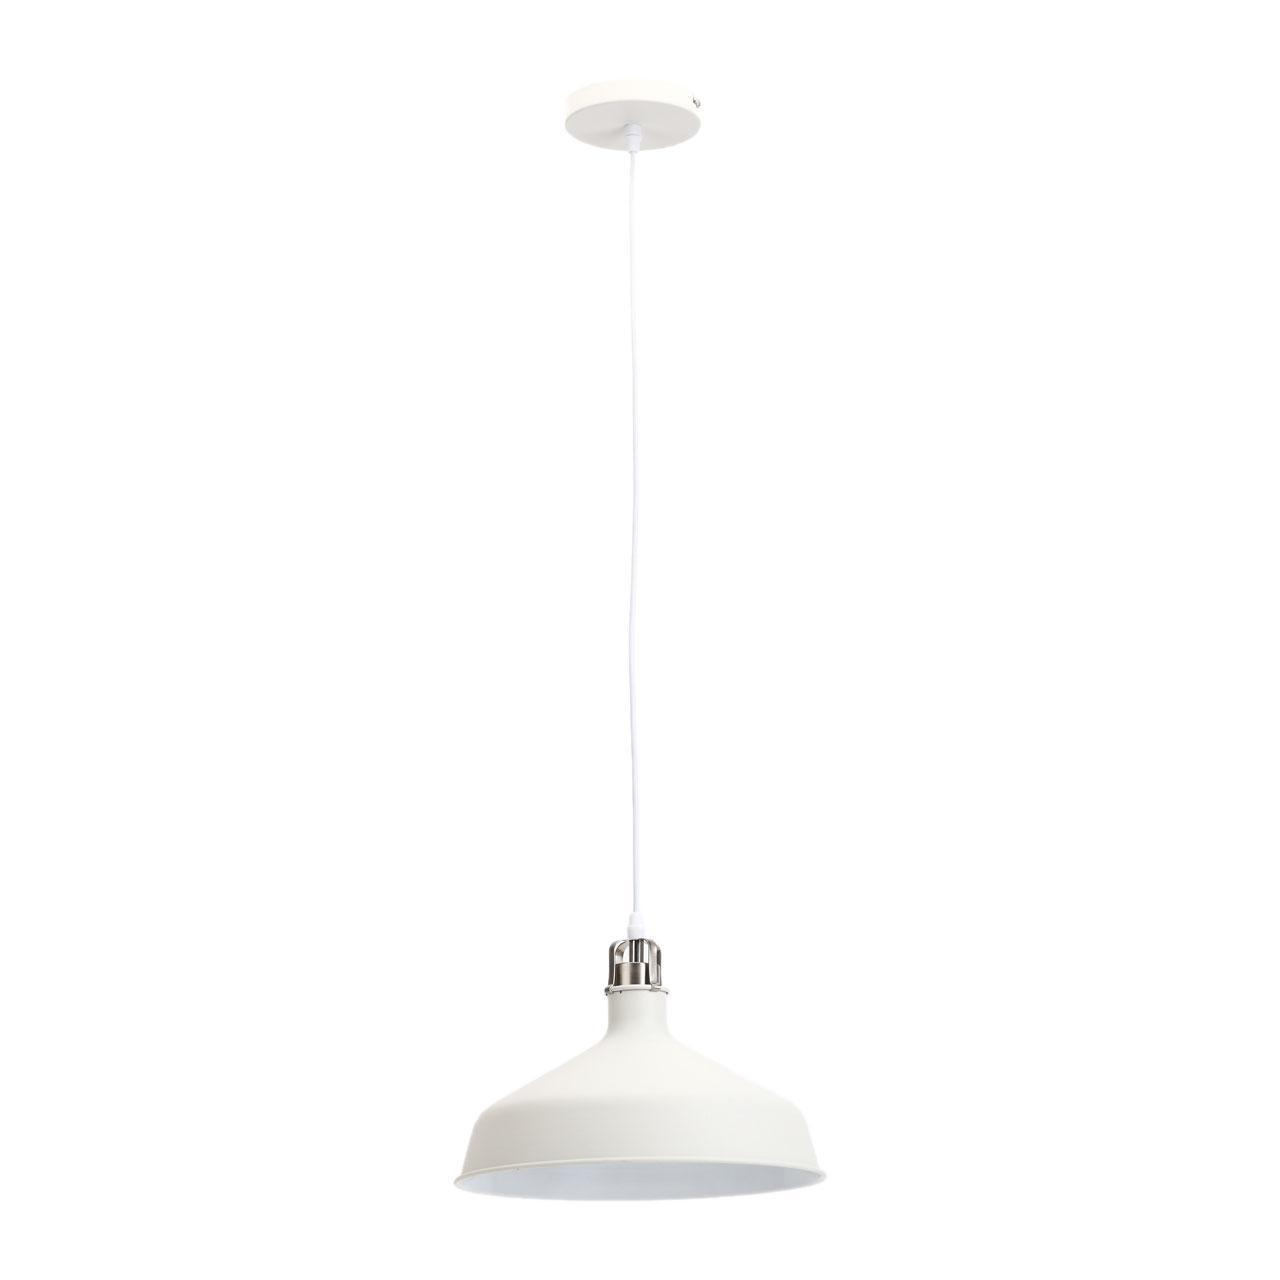 Подвесной светильник Эра PL2 WH/SN, E27, 60 Вт цены